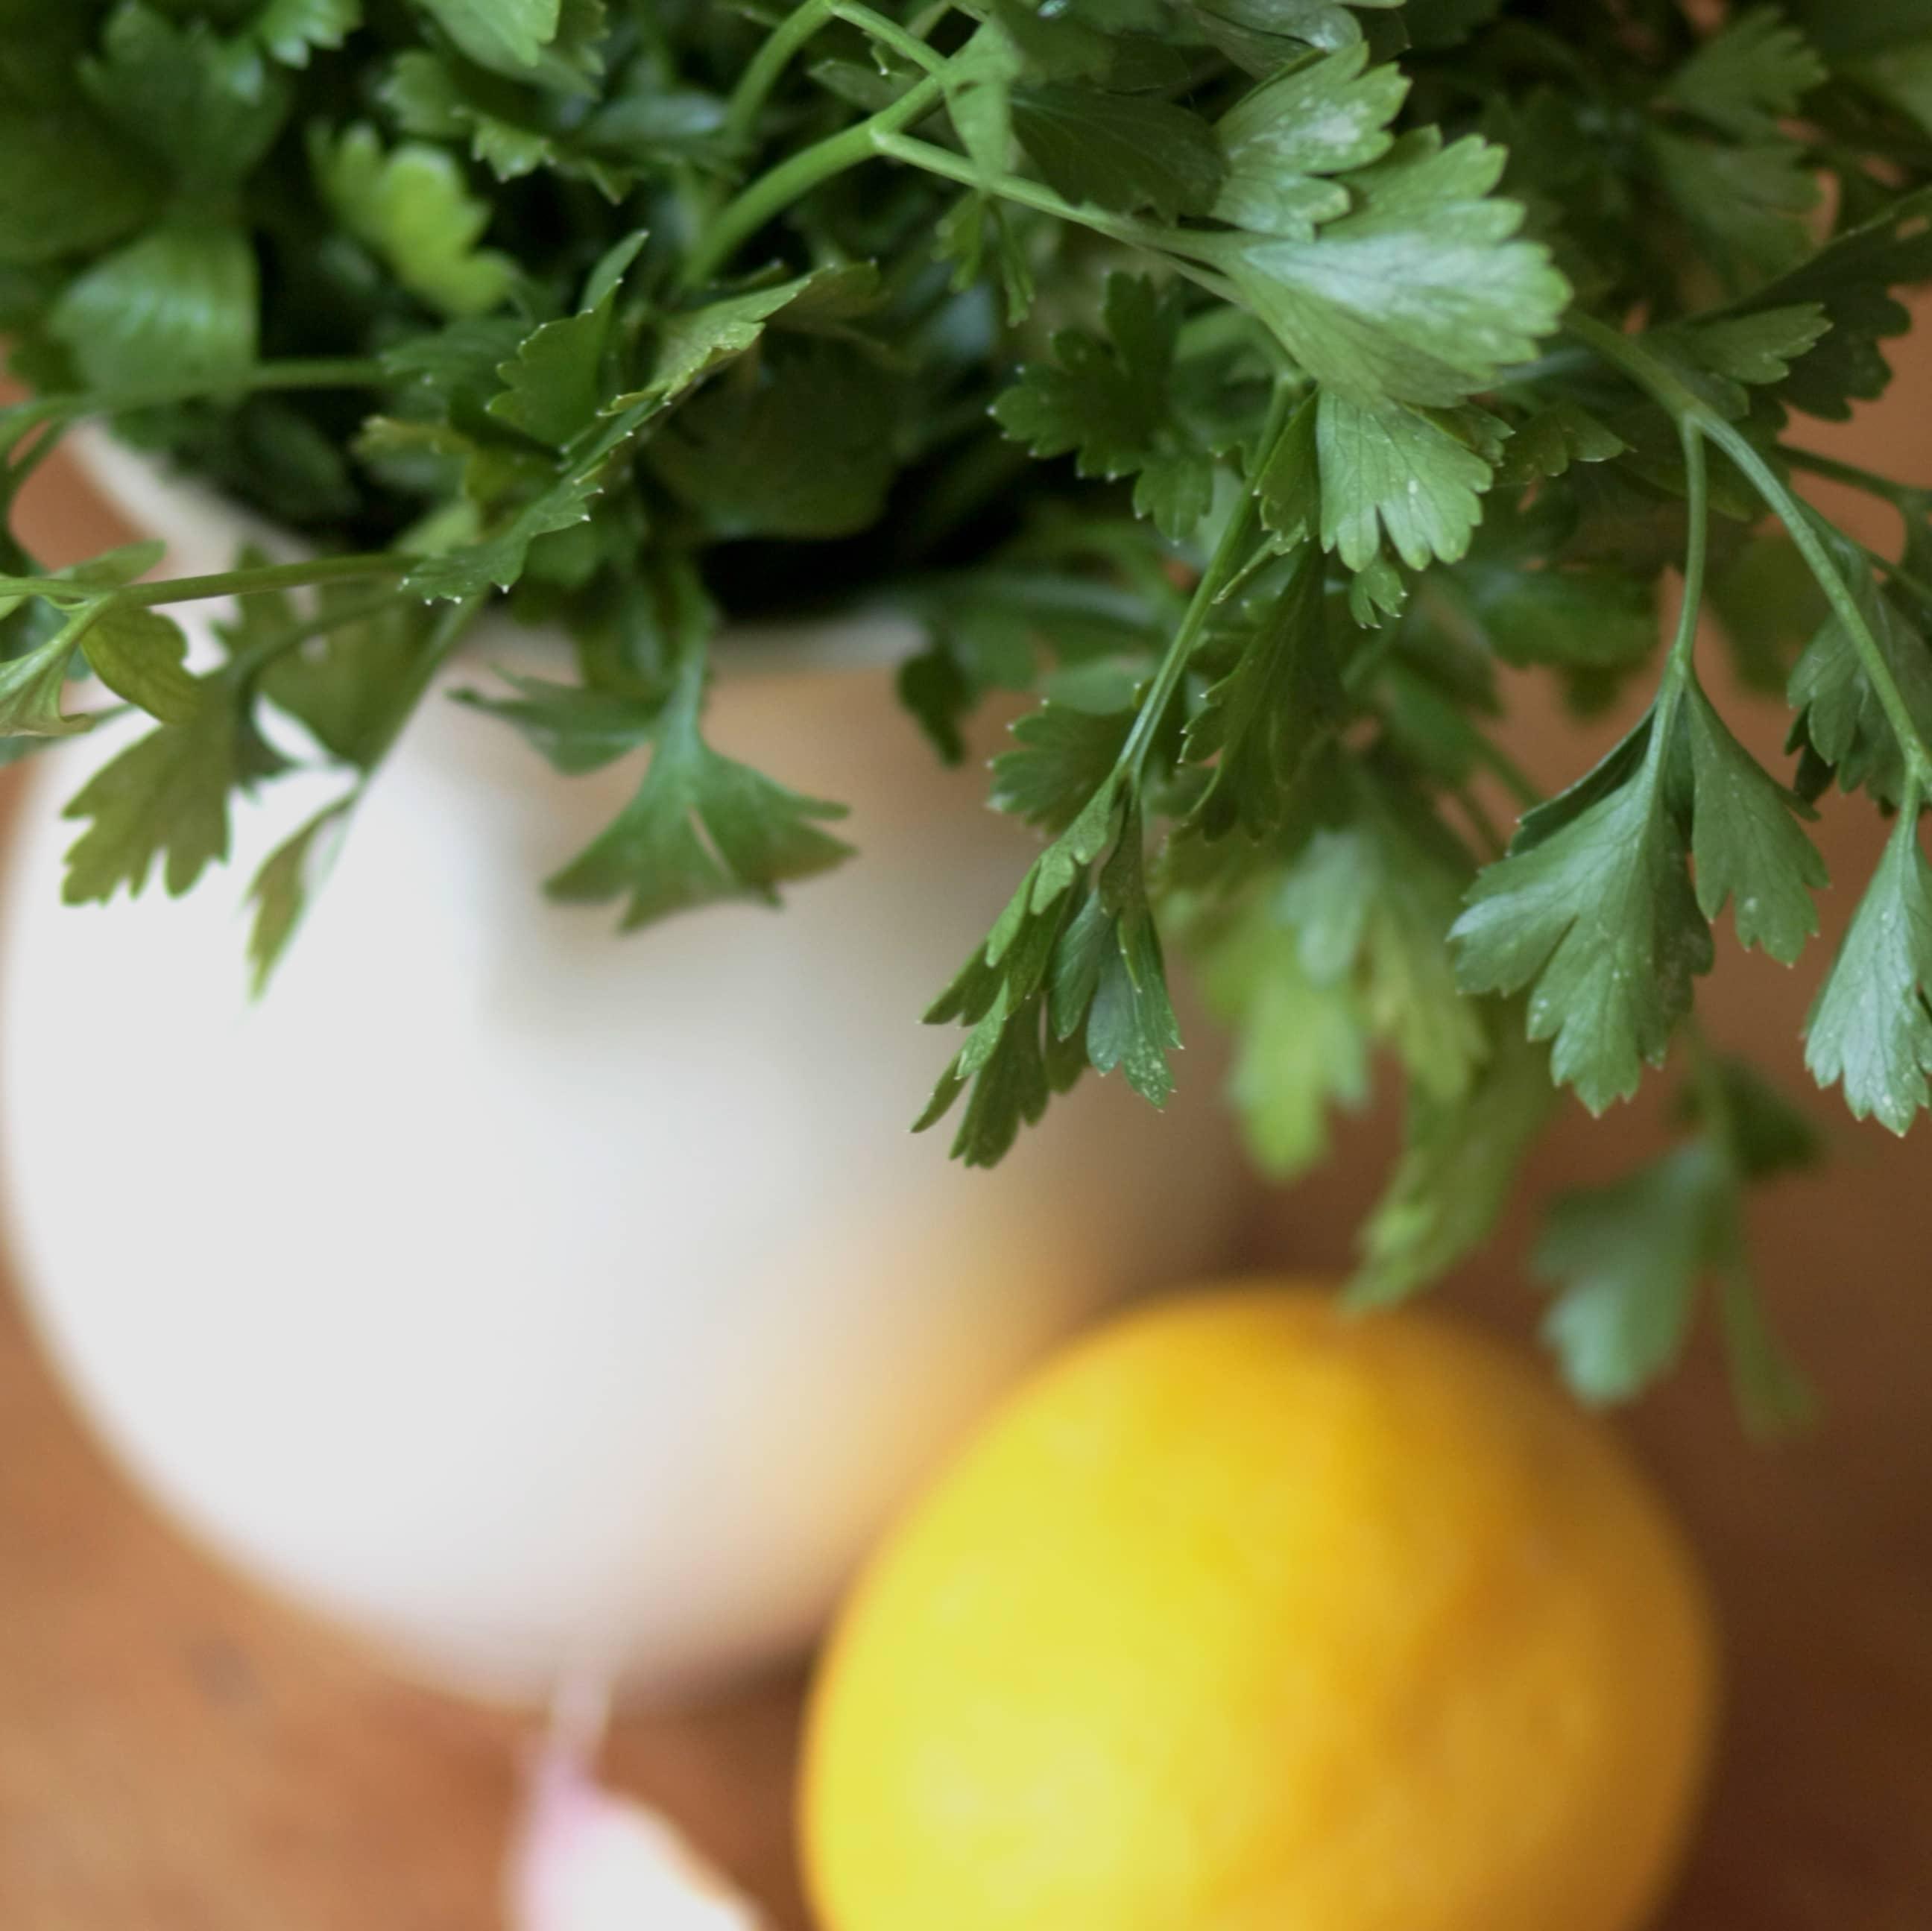 How To Make Gremolata